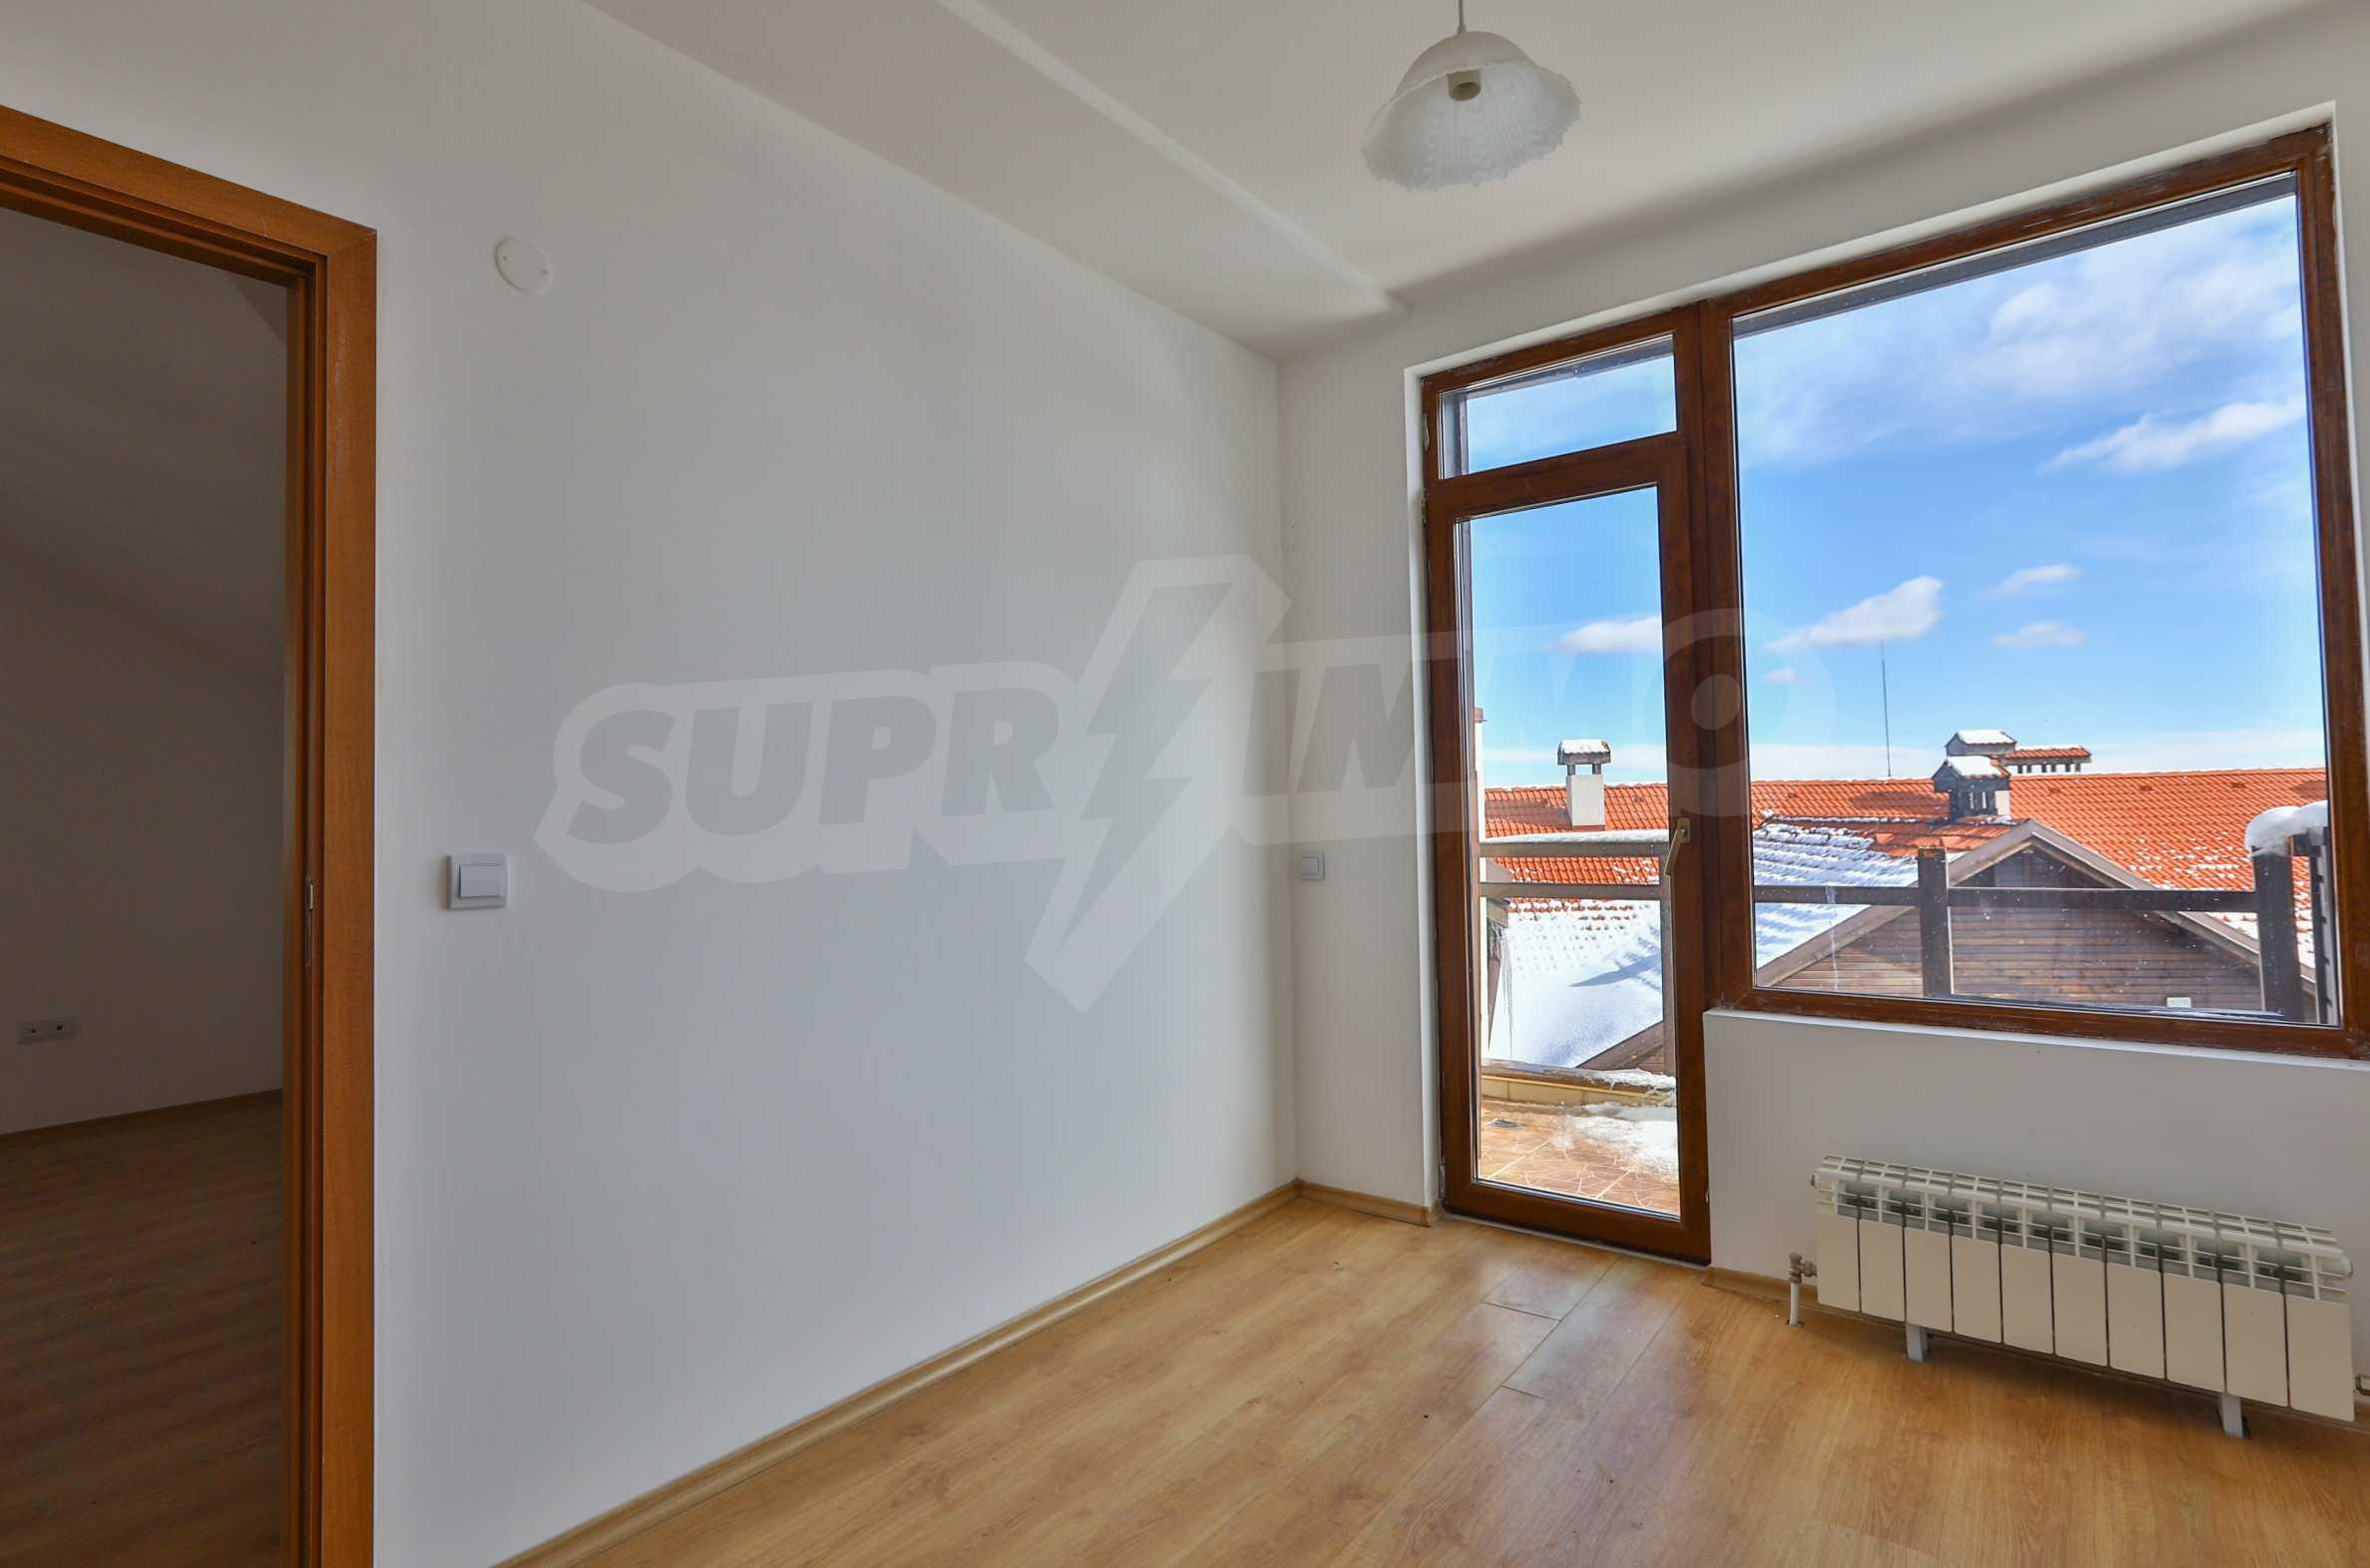 Първокласни апартаменти за продажба на метри от писта Ястребец в Боровец 7